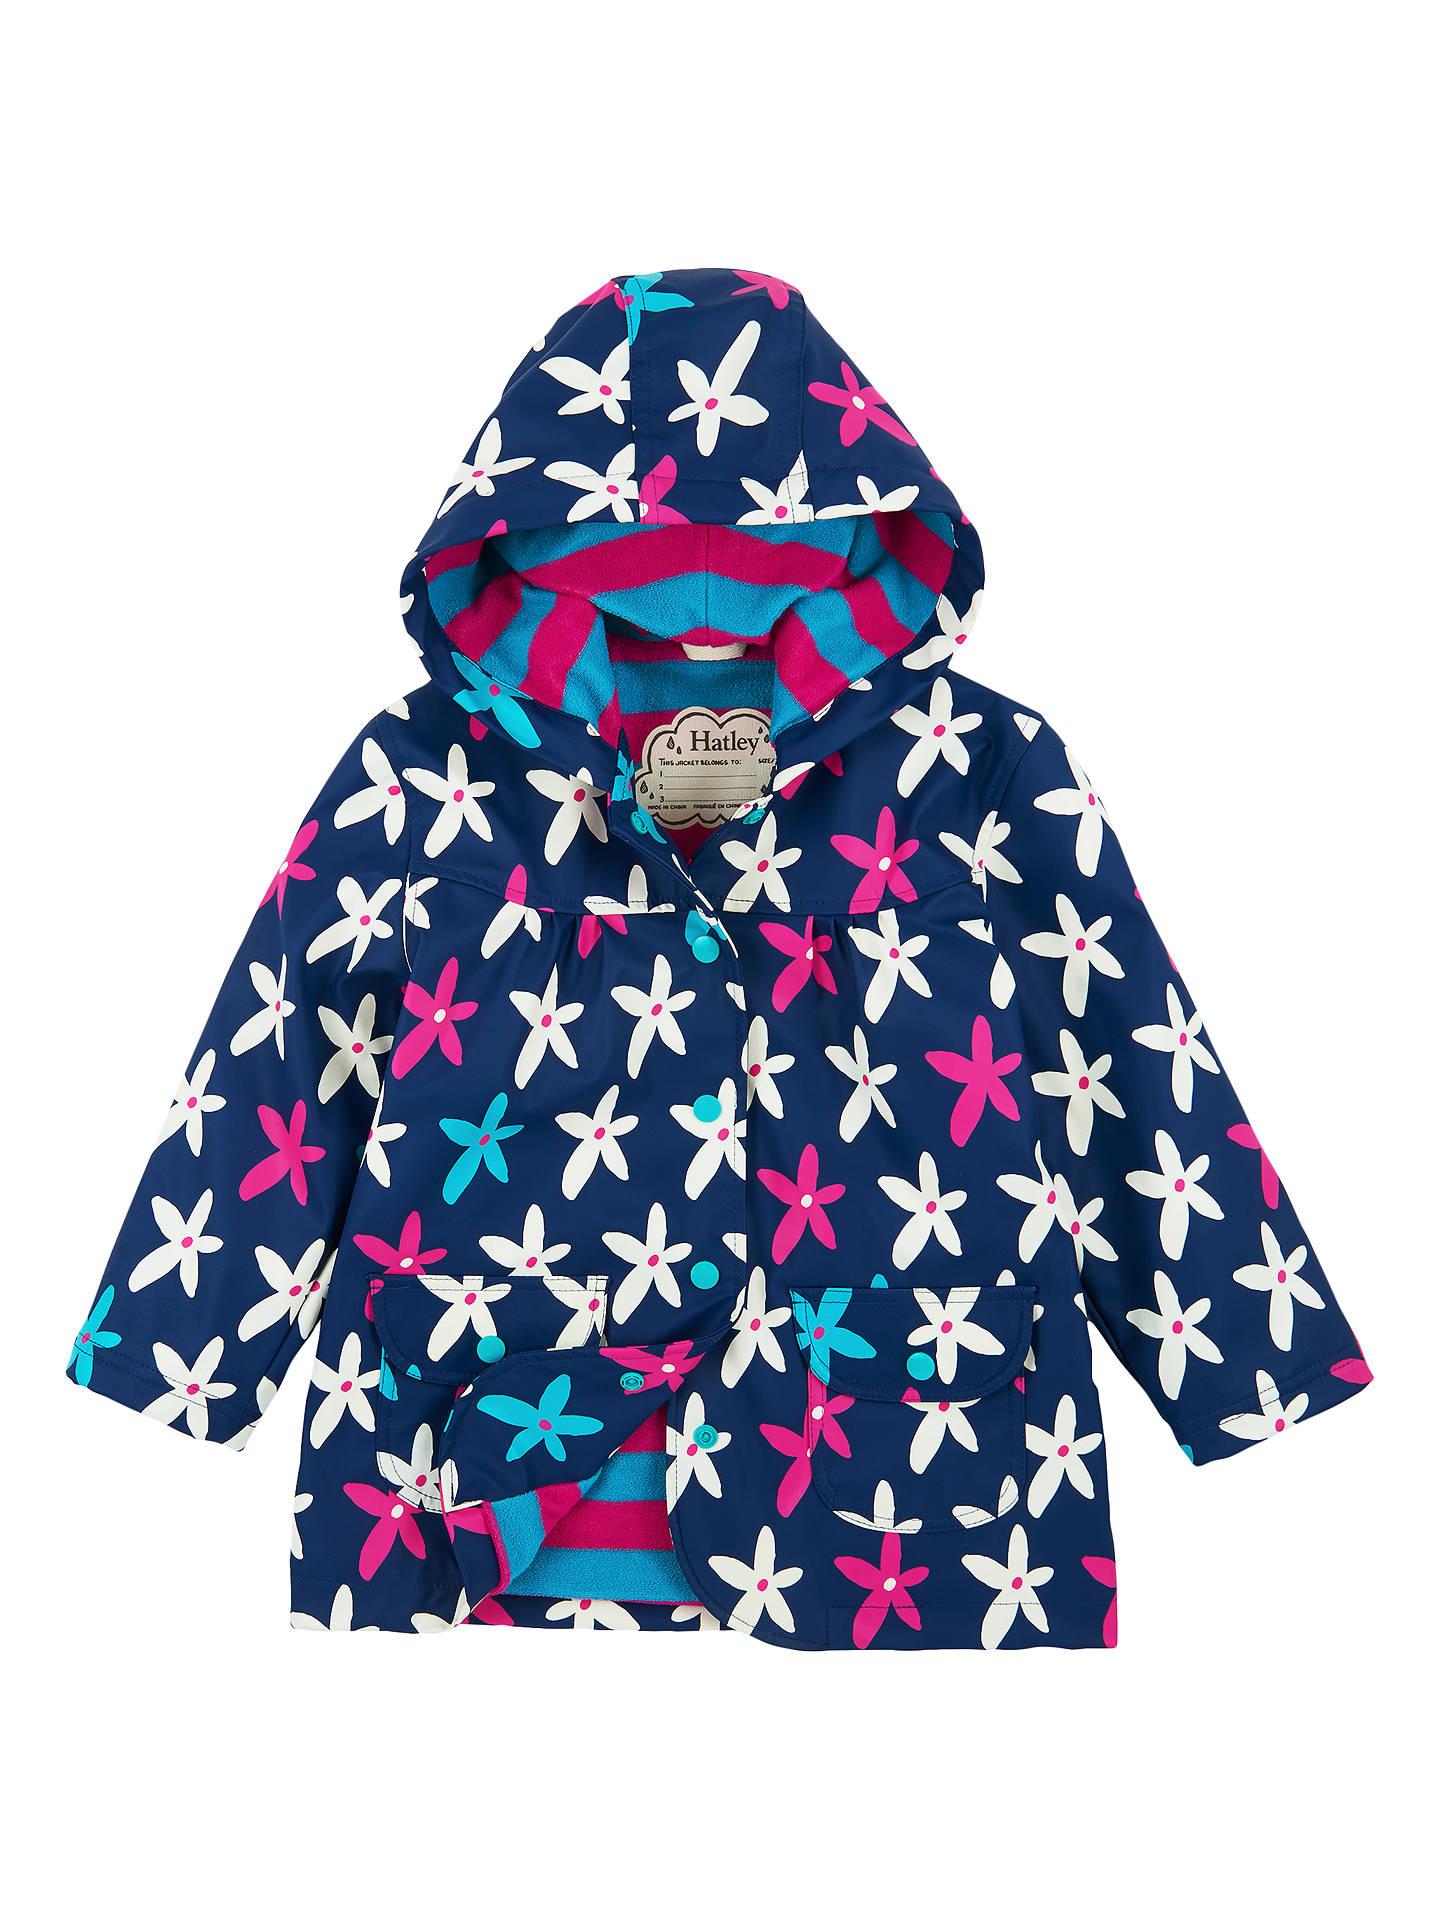 b4a39919d21b Hatley Girls  Flower Print Raincoat